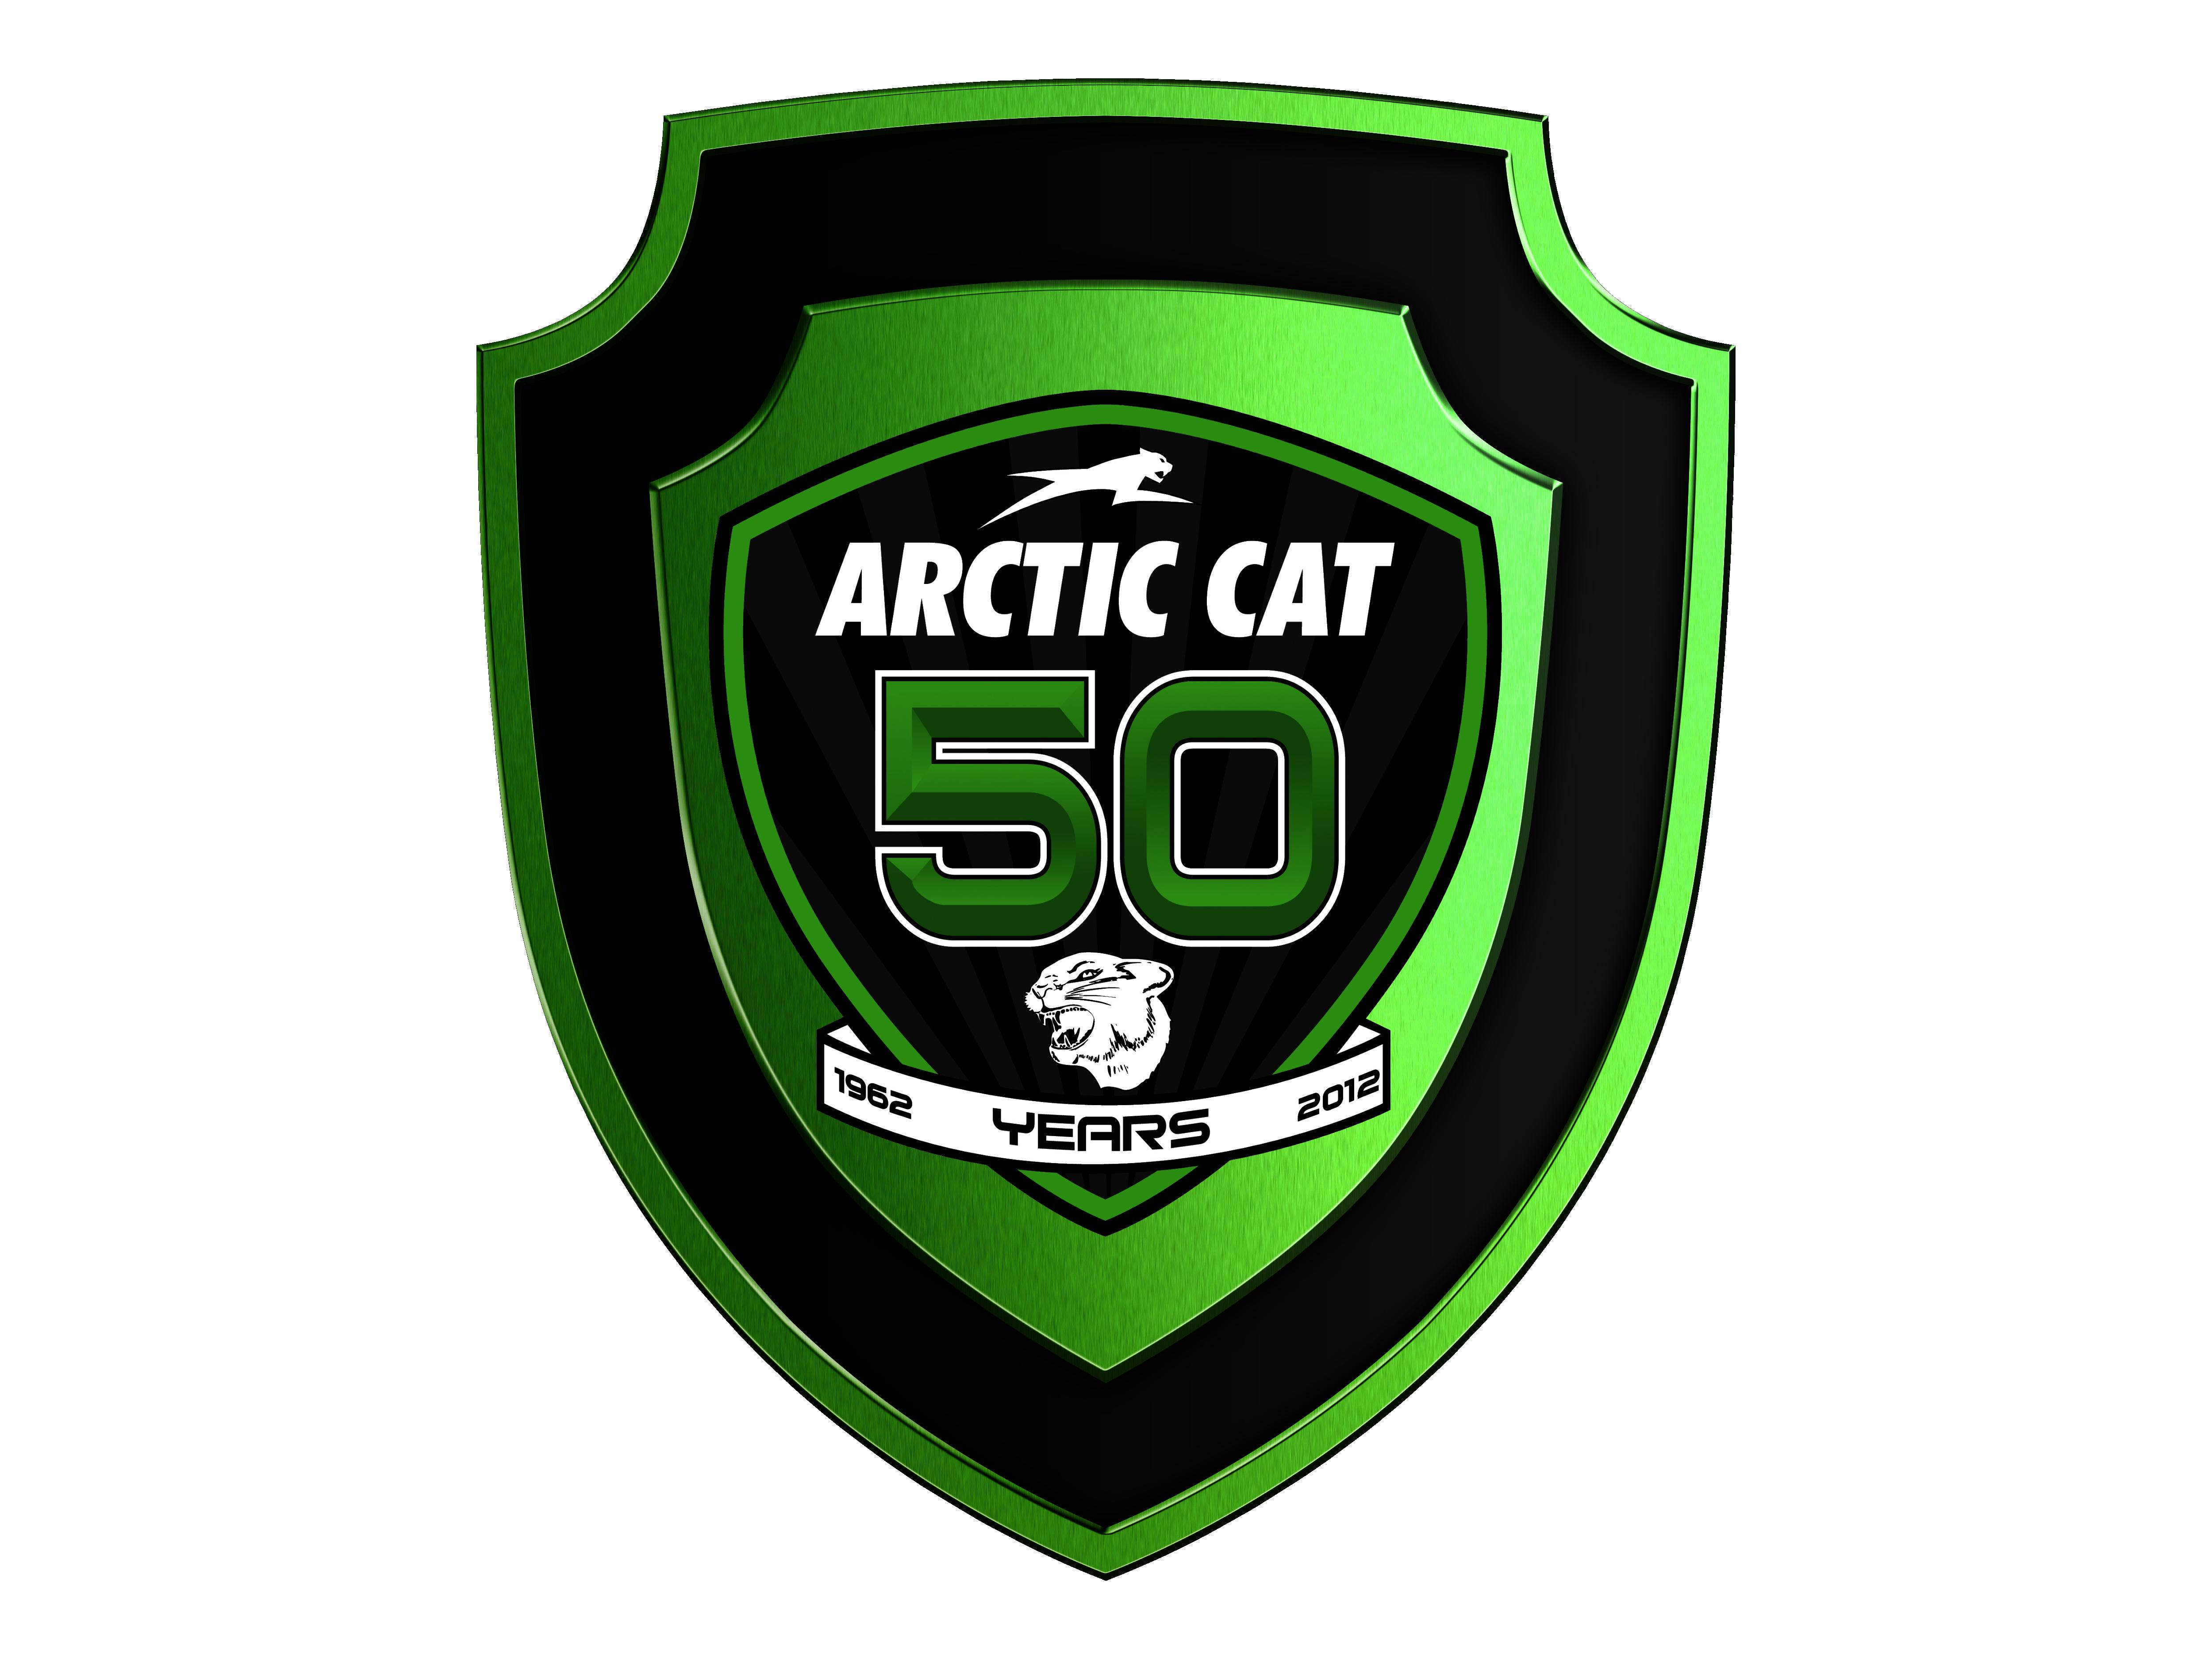 Arctic Cat Snowmobile Wallpaper - WallpaperSafari